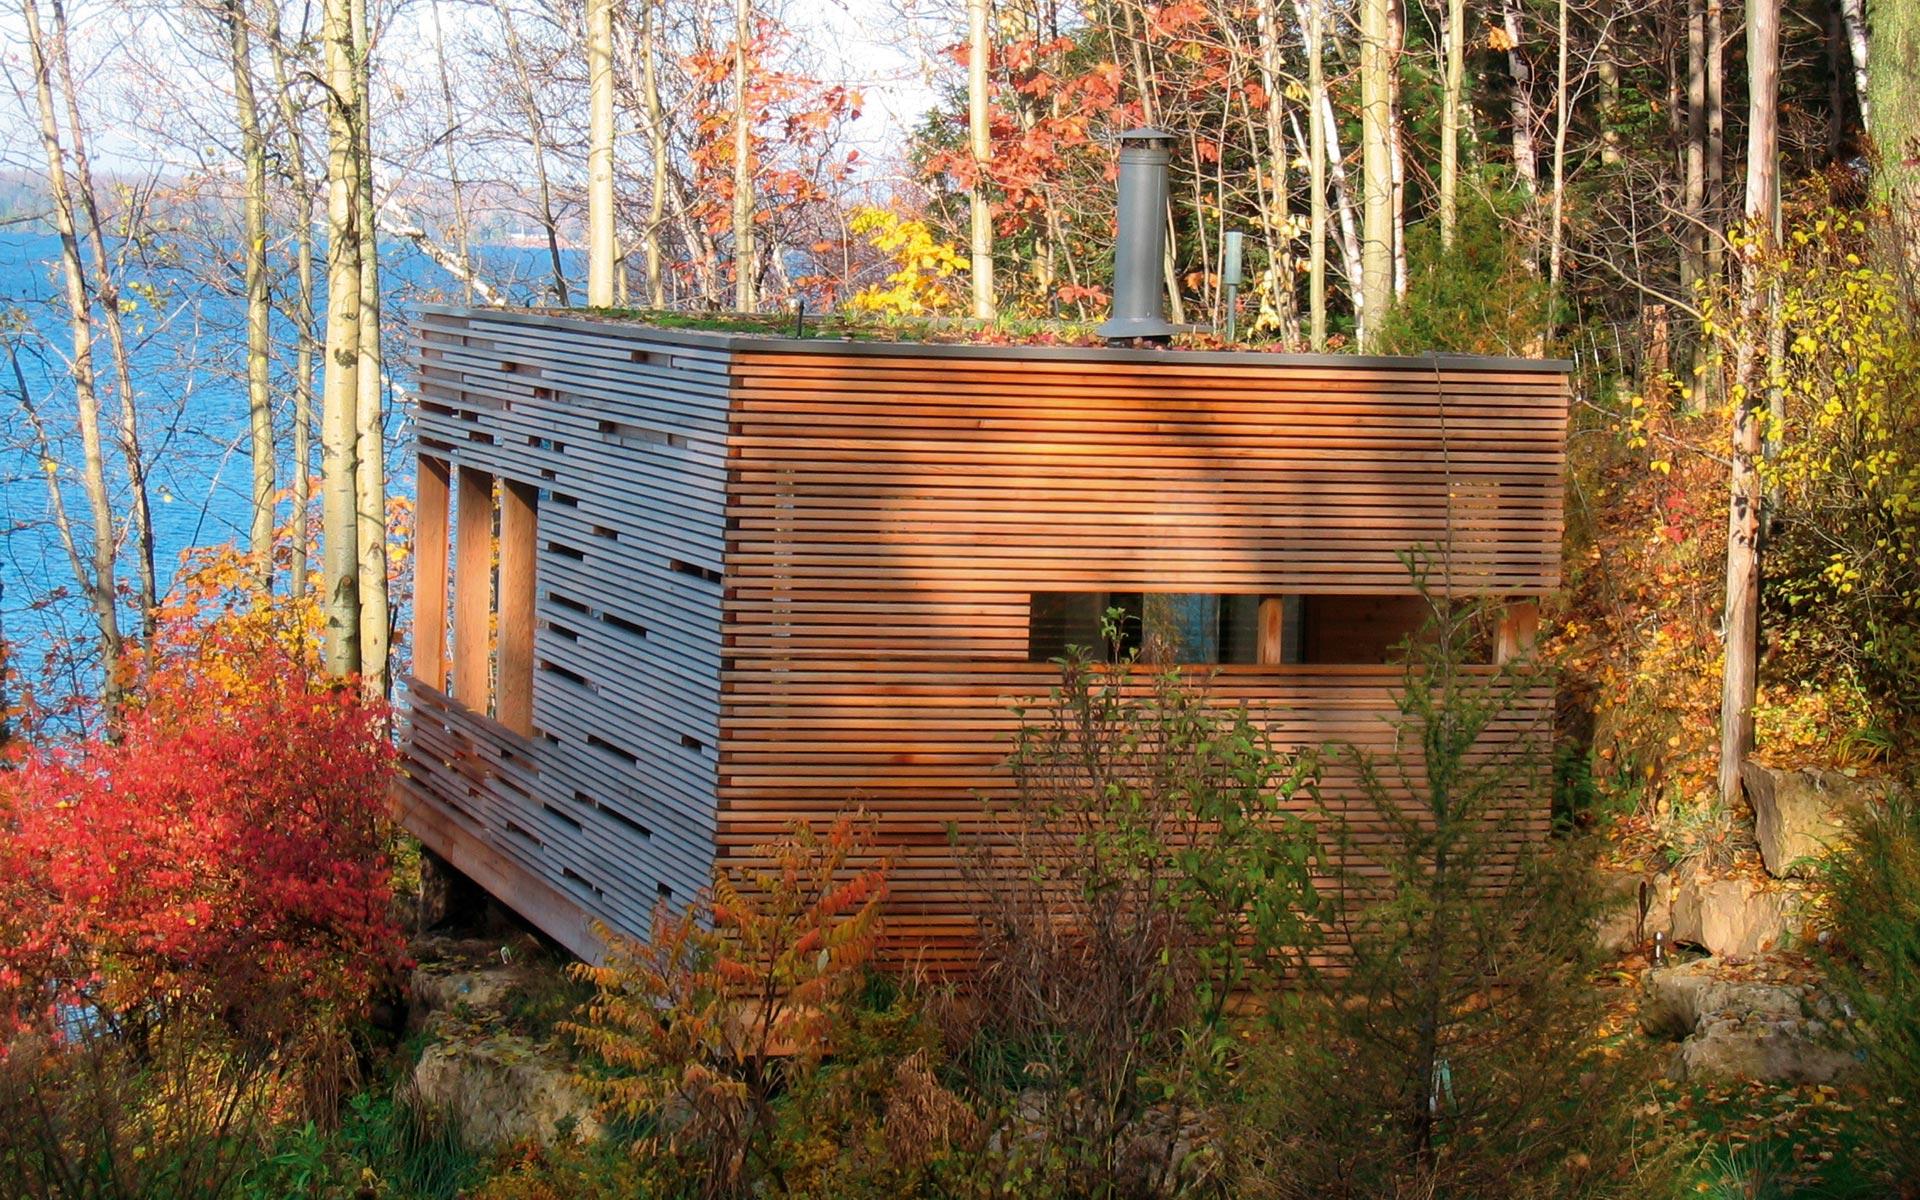 Dise o de casa peque a de madera fachada e interiores - Casas de madera pequenas ...